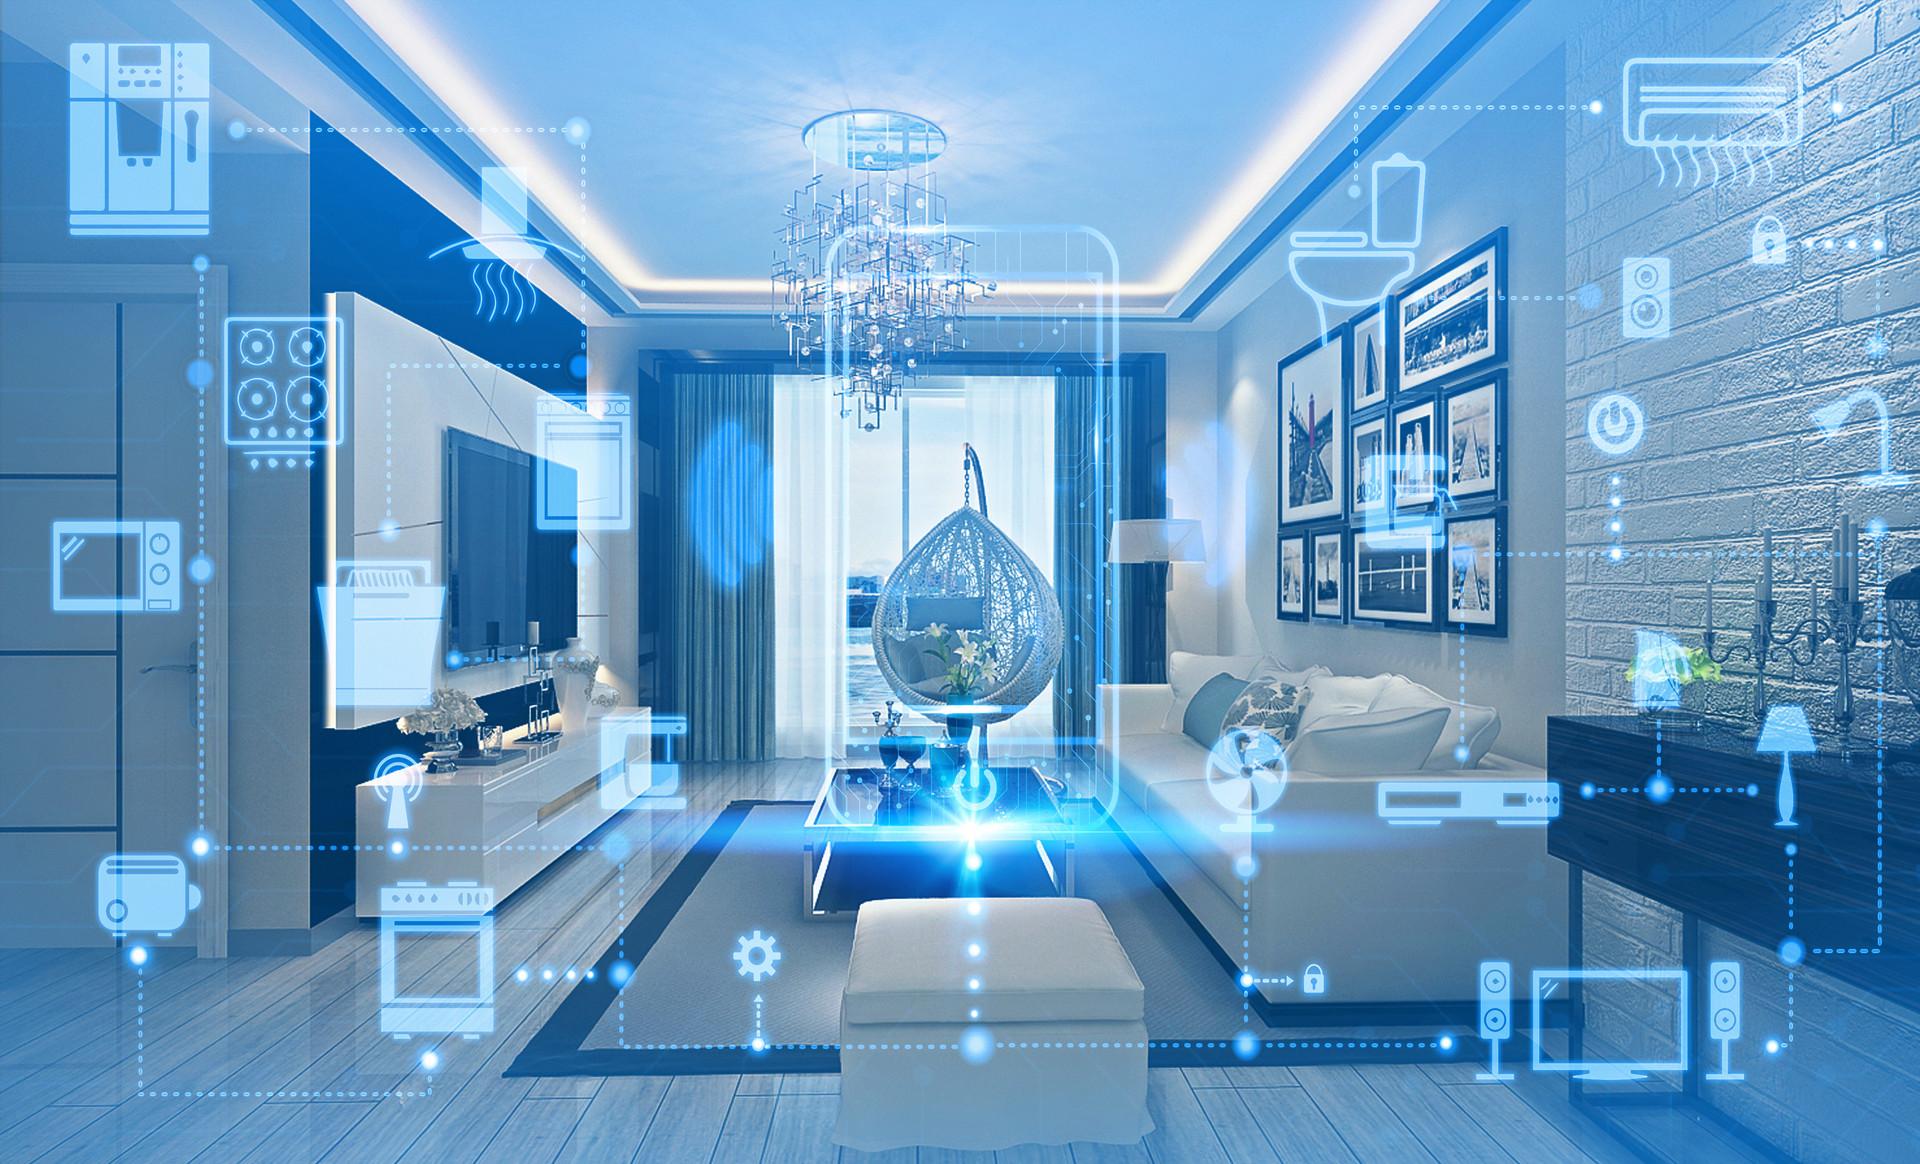 2021年,智能家居发展面临两大机遇和挑战 - 2021广州国际建筑电气技术展览会